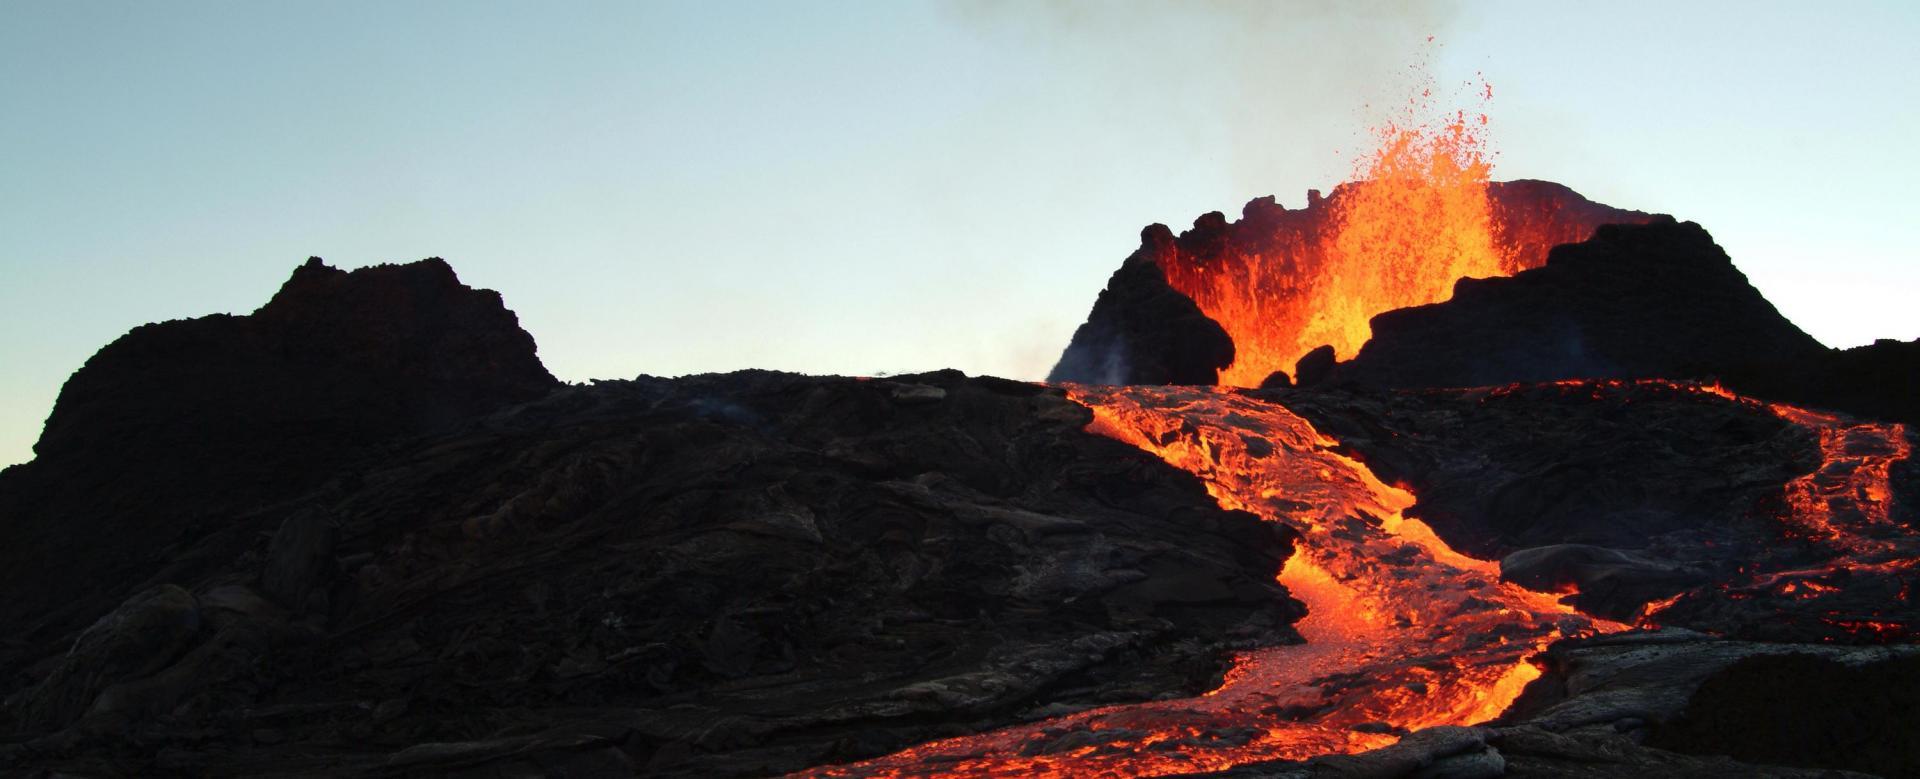 Voyage à pied Réunion : L'île intense en 8 jours